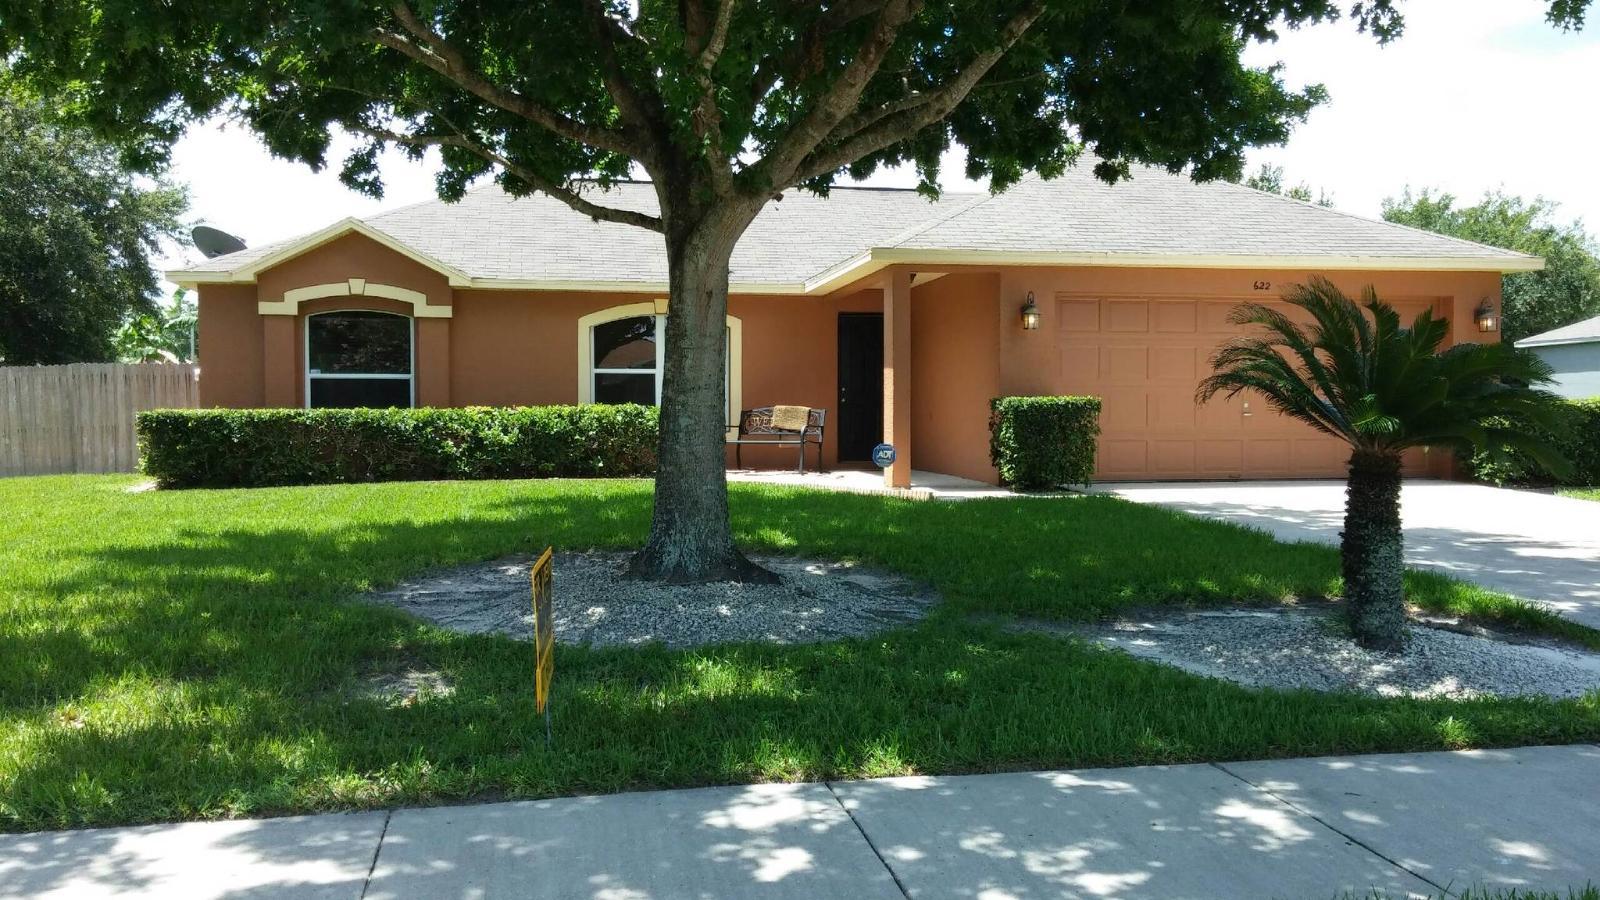 622 Stevelynn Cir For Rent - Winter Garden, FL | Trulia